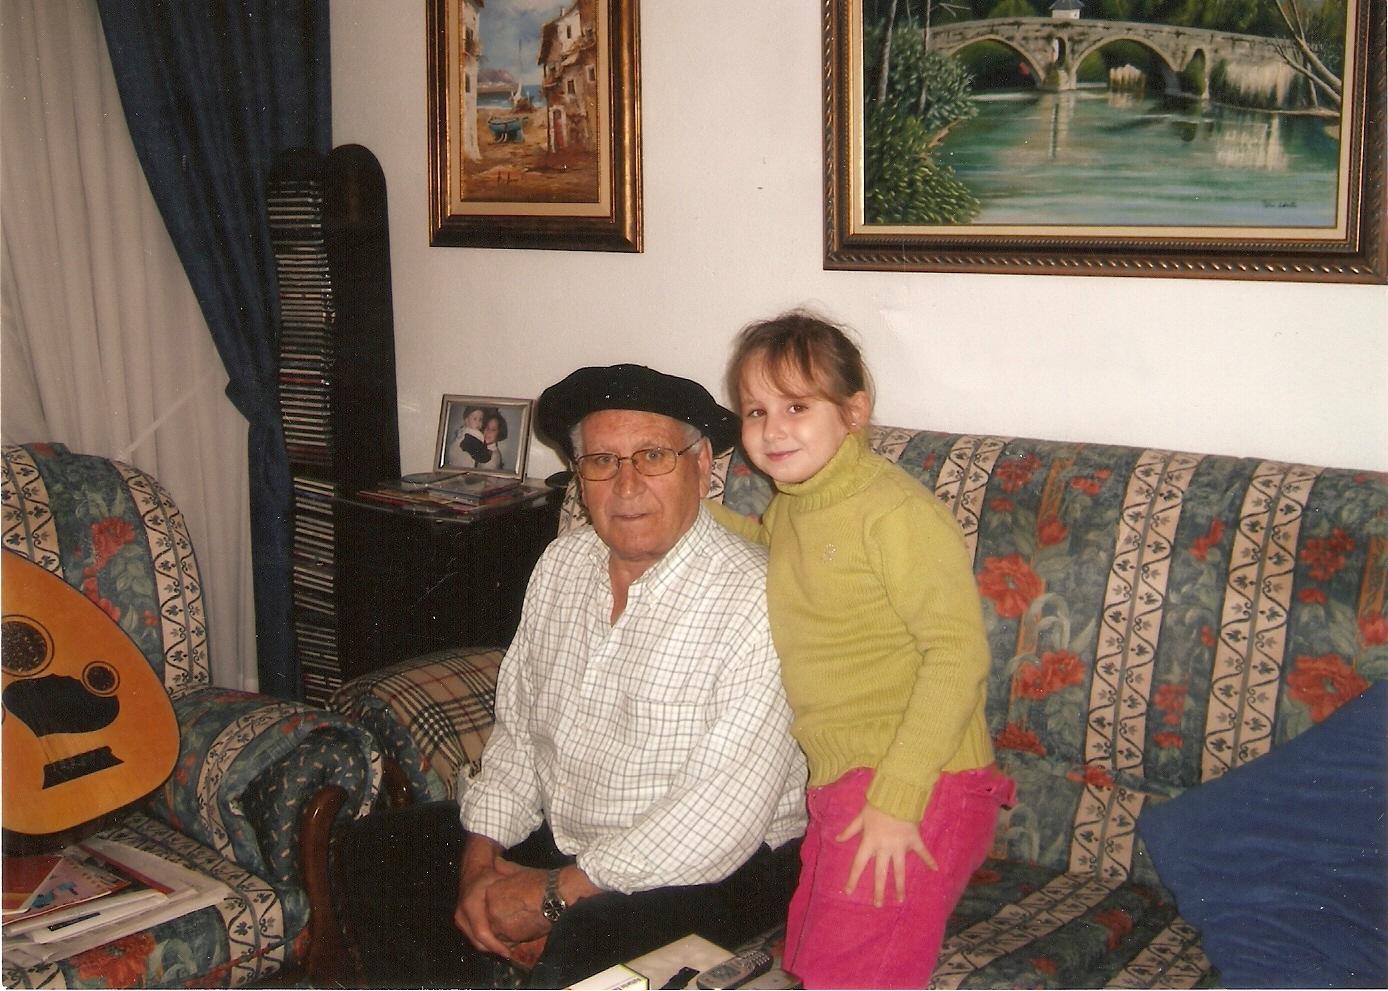 Abuelos Con Sus Nietas Porno showing xxx images for abuelo y nieta xxx   www.pornsink